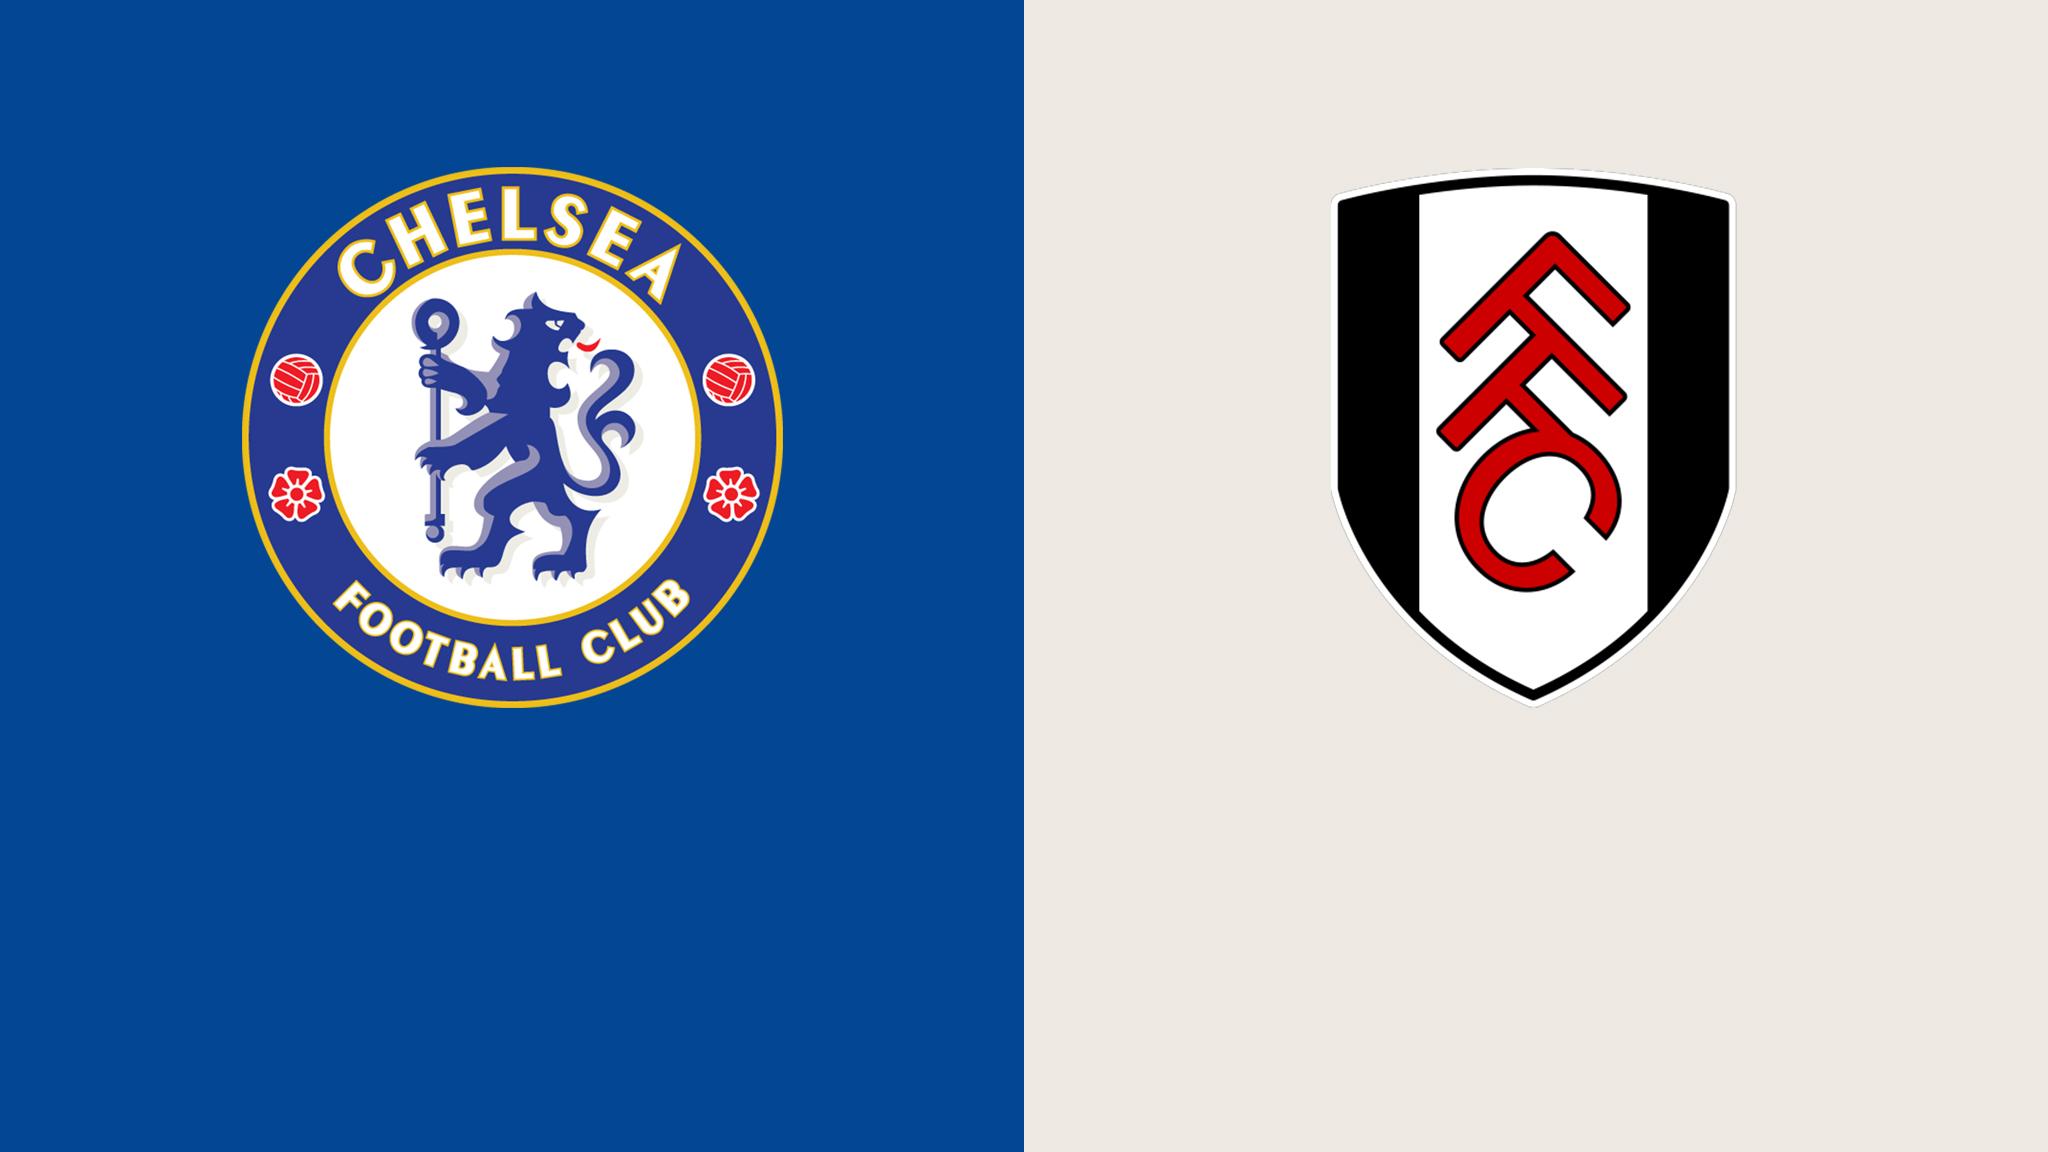 Chelsea vs Fulham Premier league